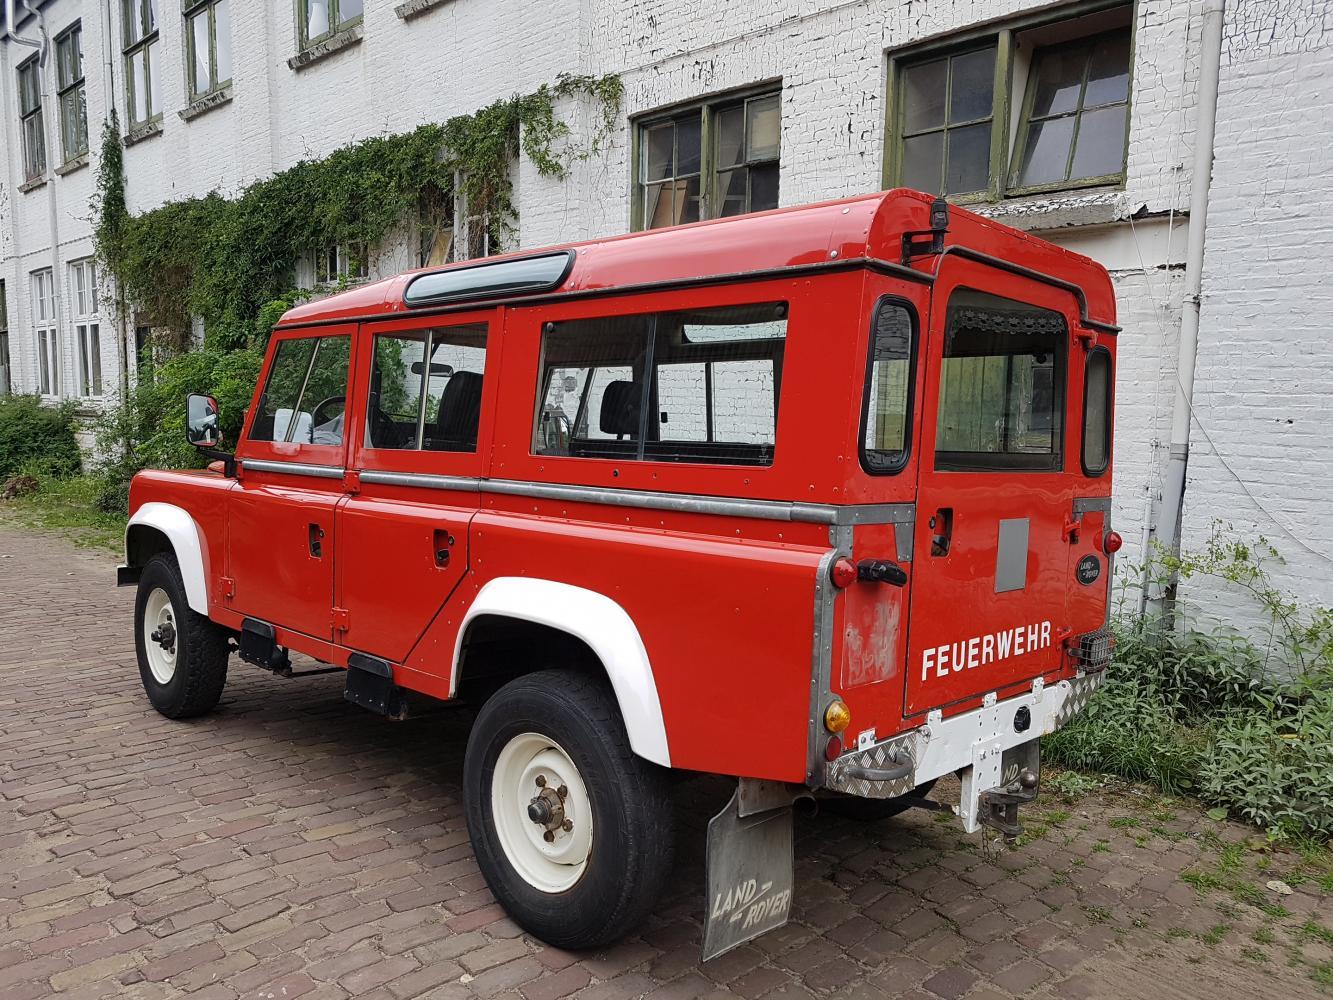 Land Rover Defender 110 Tdi Feuerwehr